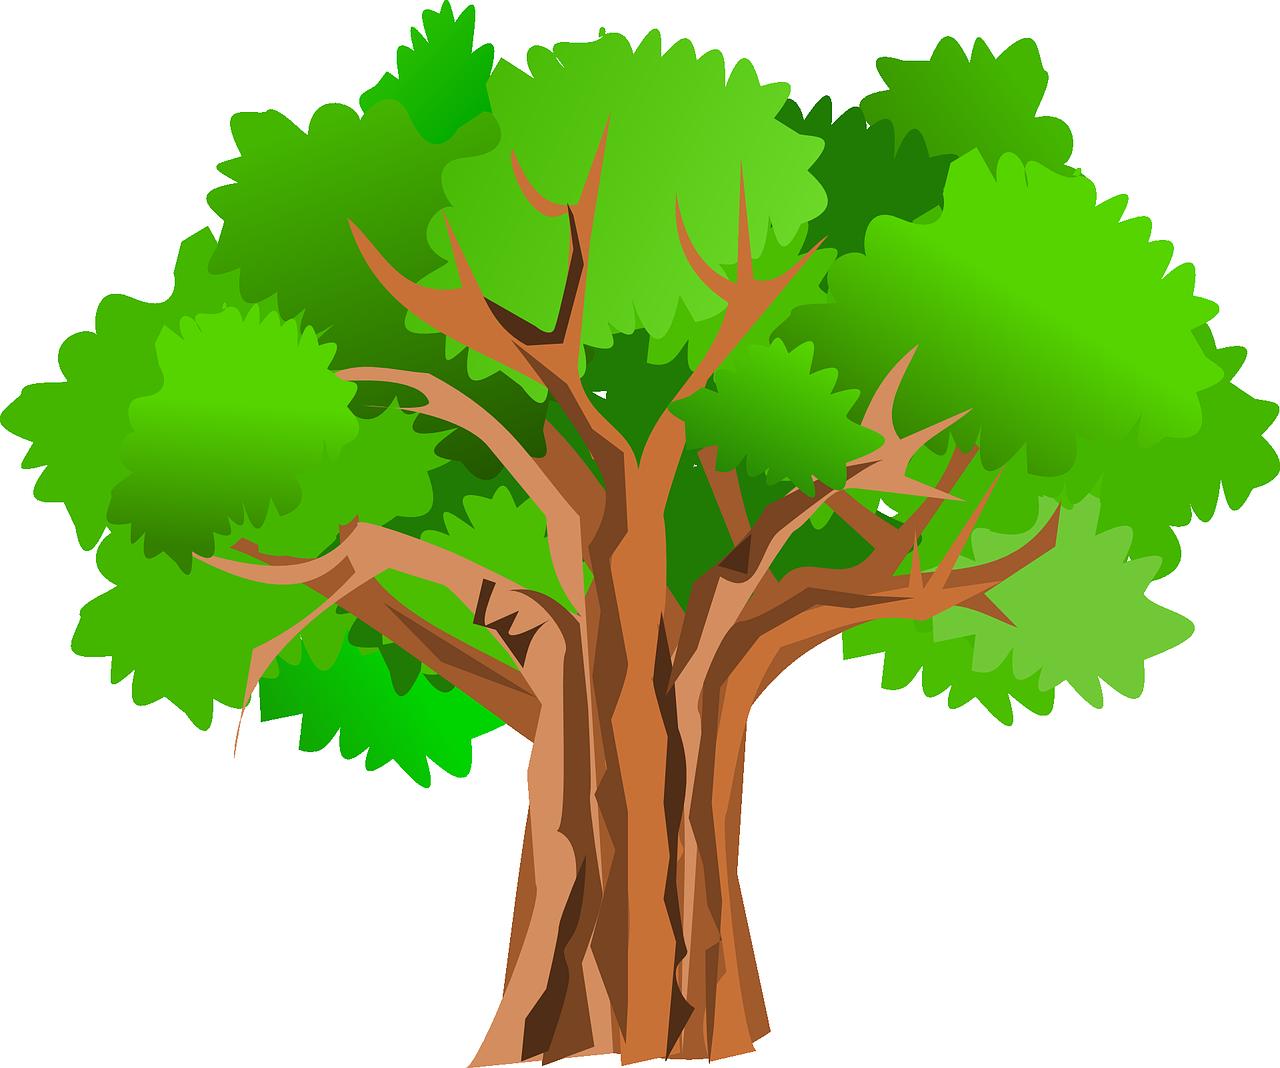 Дерево в картинках для детей, рдш 2018 результаты